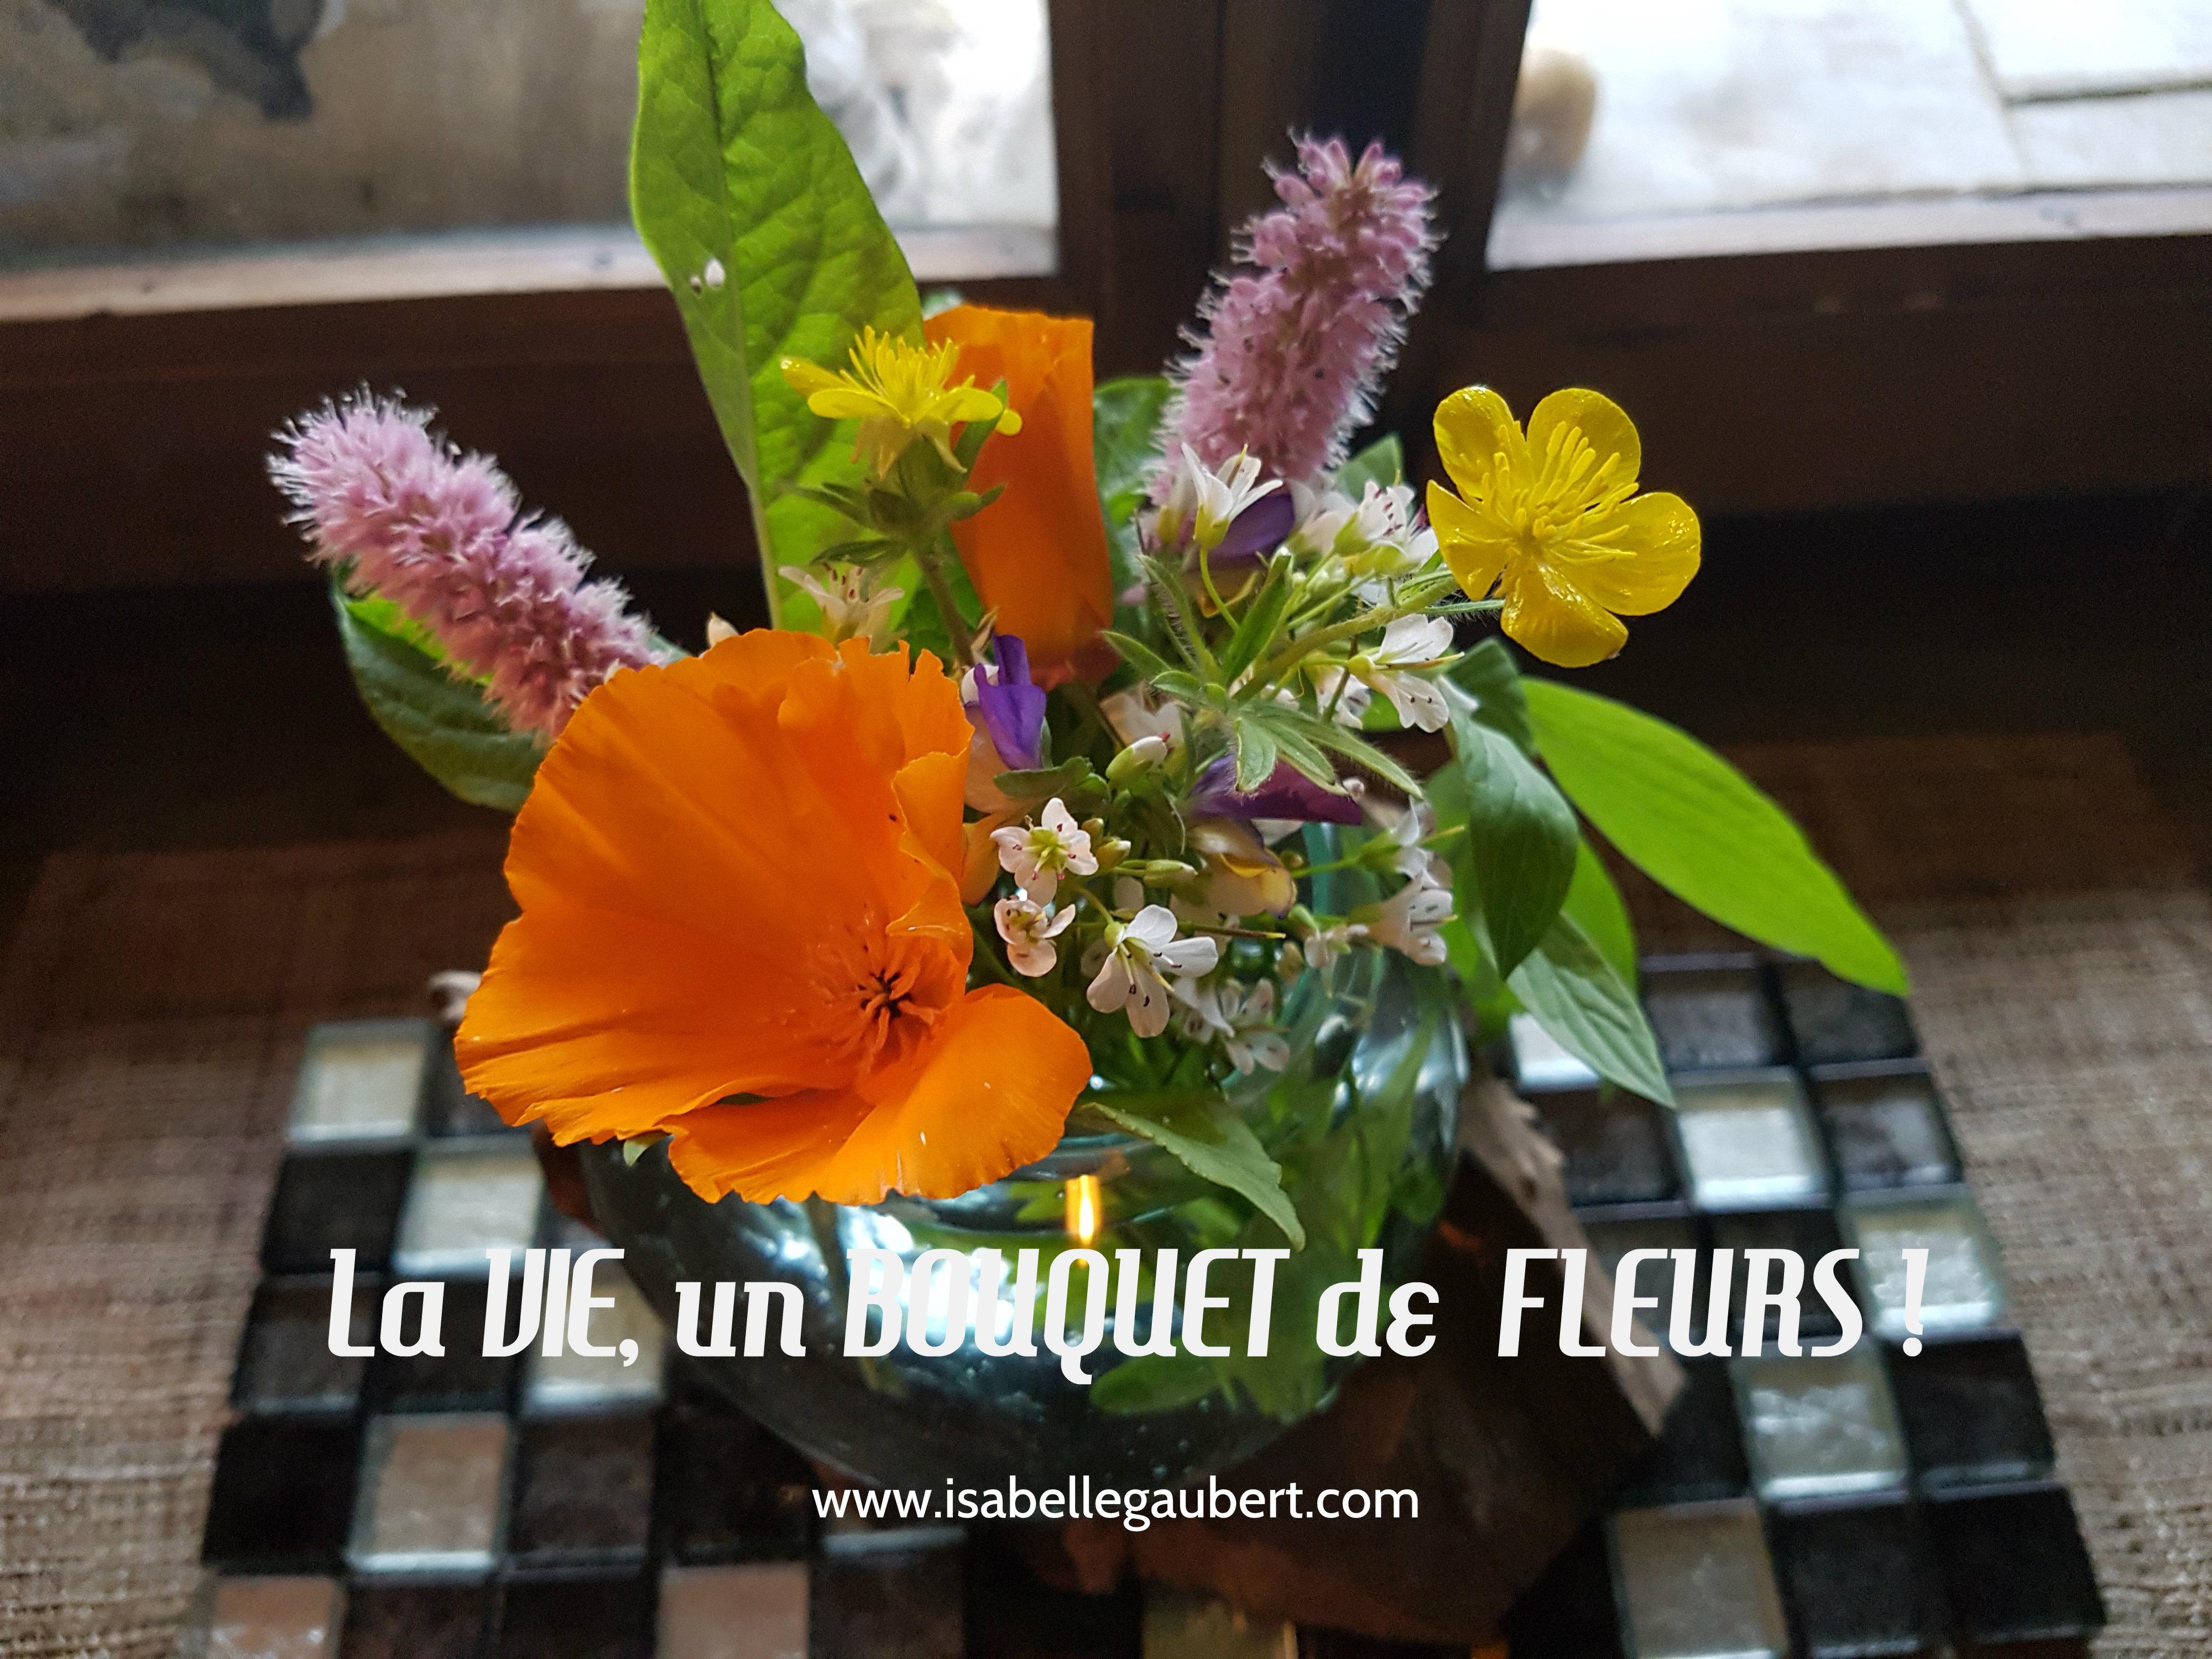 La vie un bouquet de fleurs